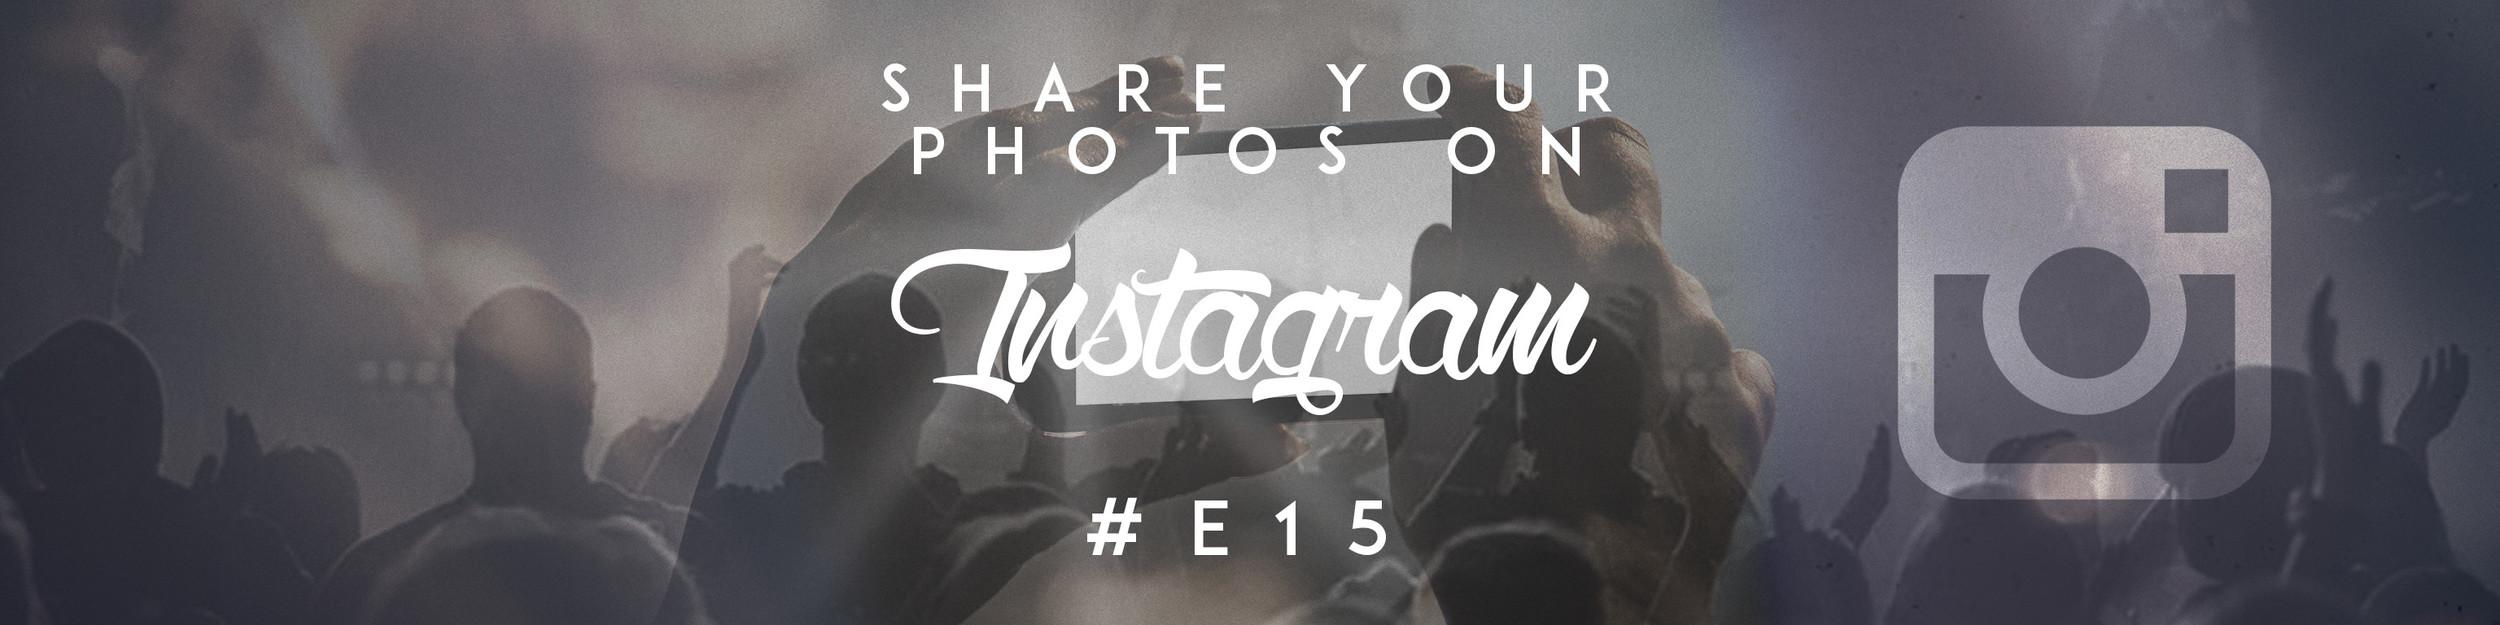 E15-Instagram-AH.jpg